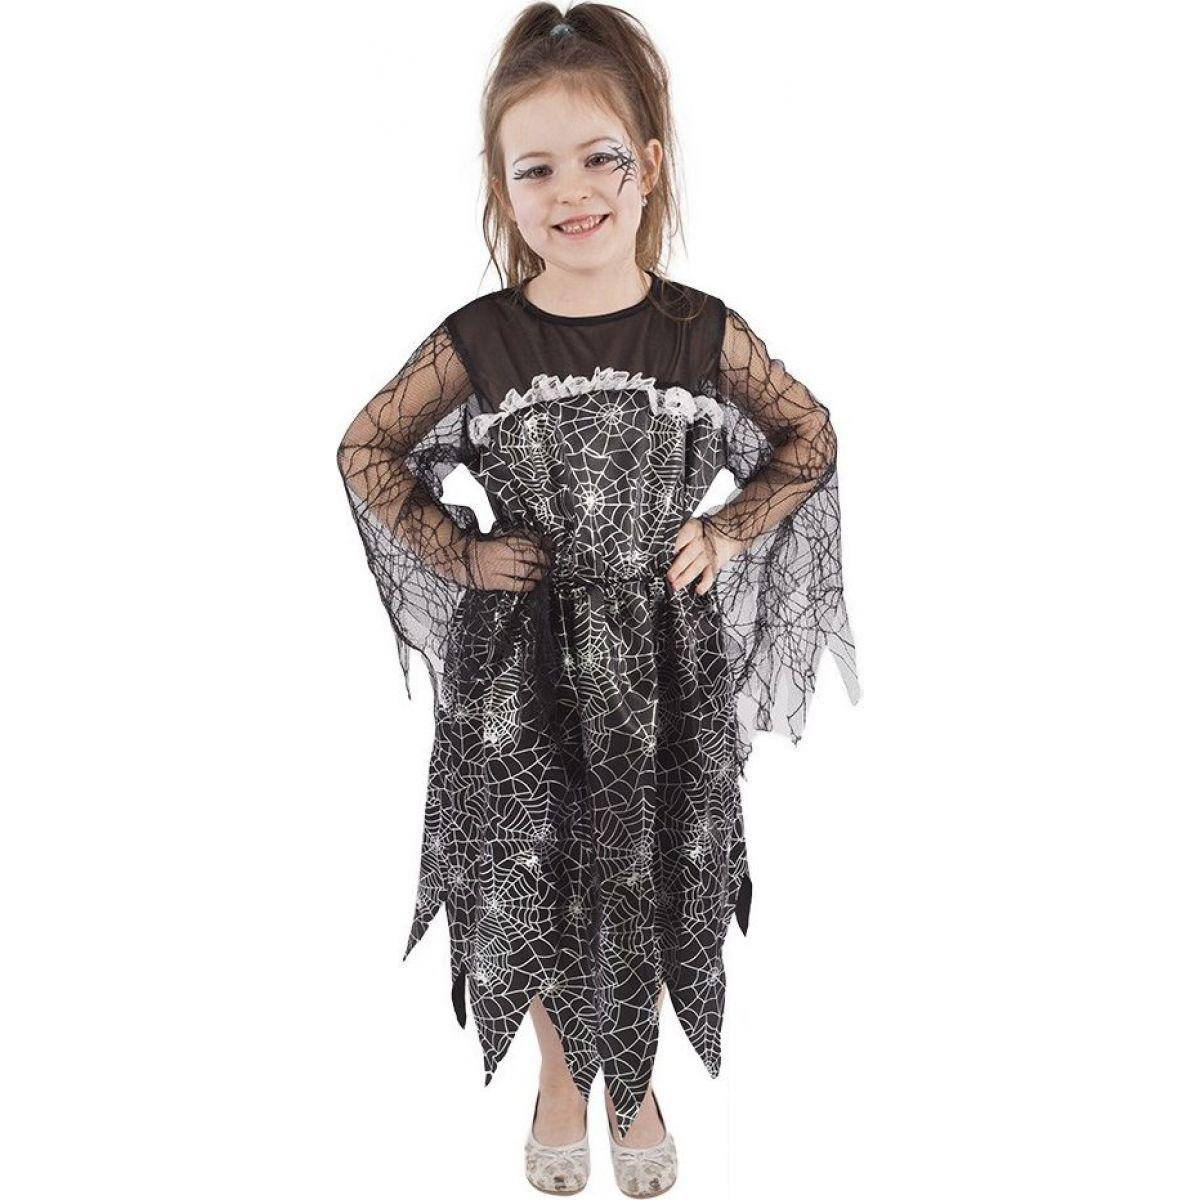 Rappa Karnevalový kostým čarodějnice halloween vel. M RAPPA